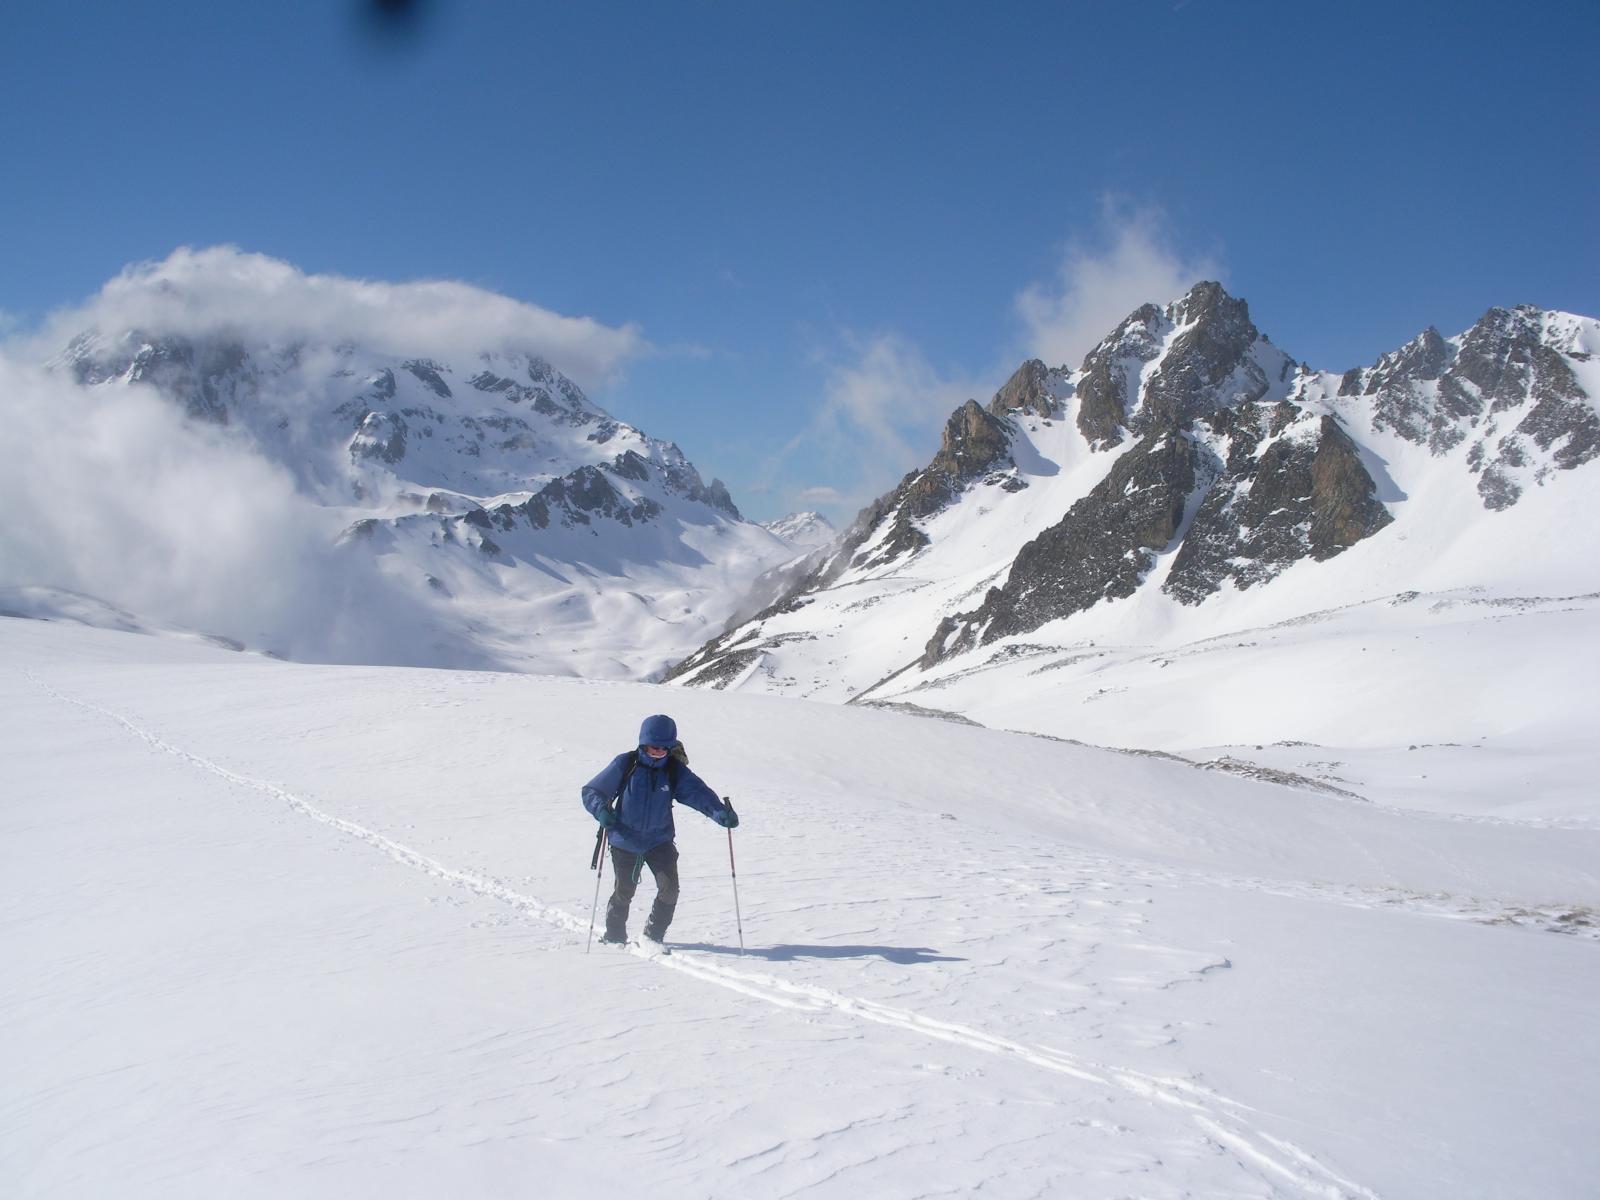 al centro il Col de Vallee Etroite al fondo la Gran Bagna e a dx il Mounioz..